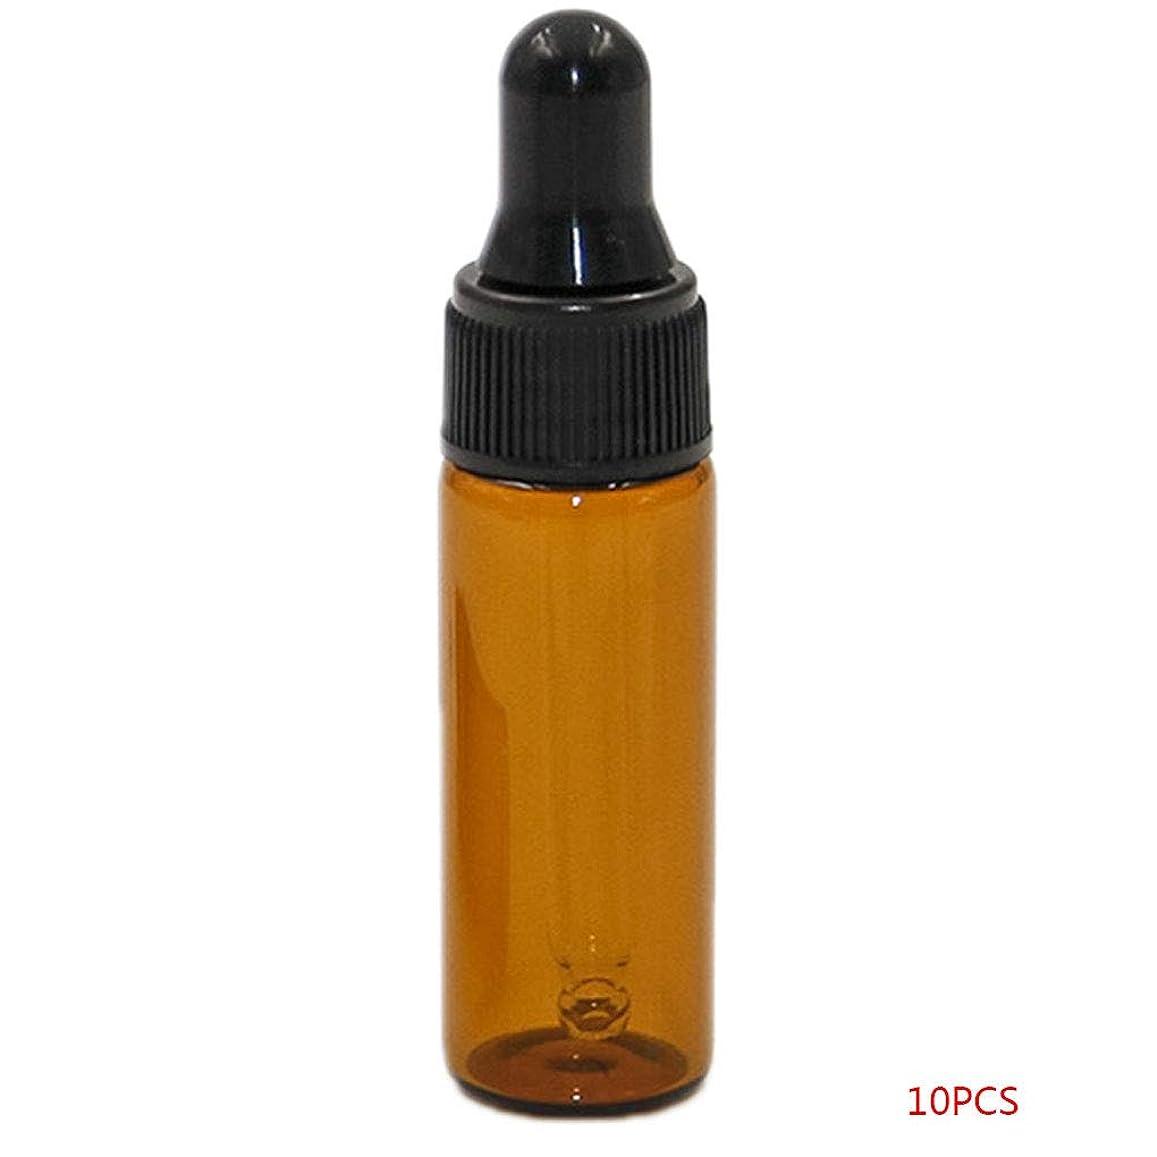 広告する宅配便サーキットに行くuzinby アロマオイル 精油 小分け用 遮光瓶 セット 茶 ガラス アロマ ボトル オイル 用 茶色 瓶 ビン エッセンシャルオイル 保存 詰替え 瓶 ビン